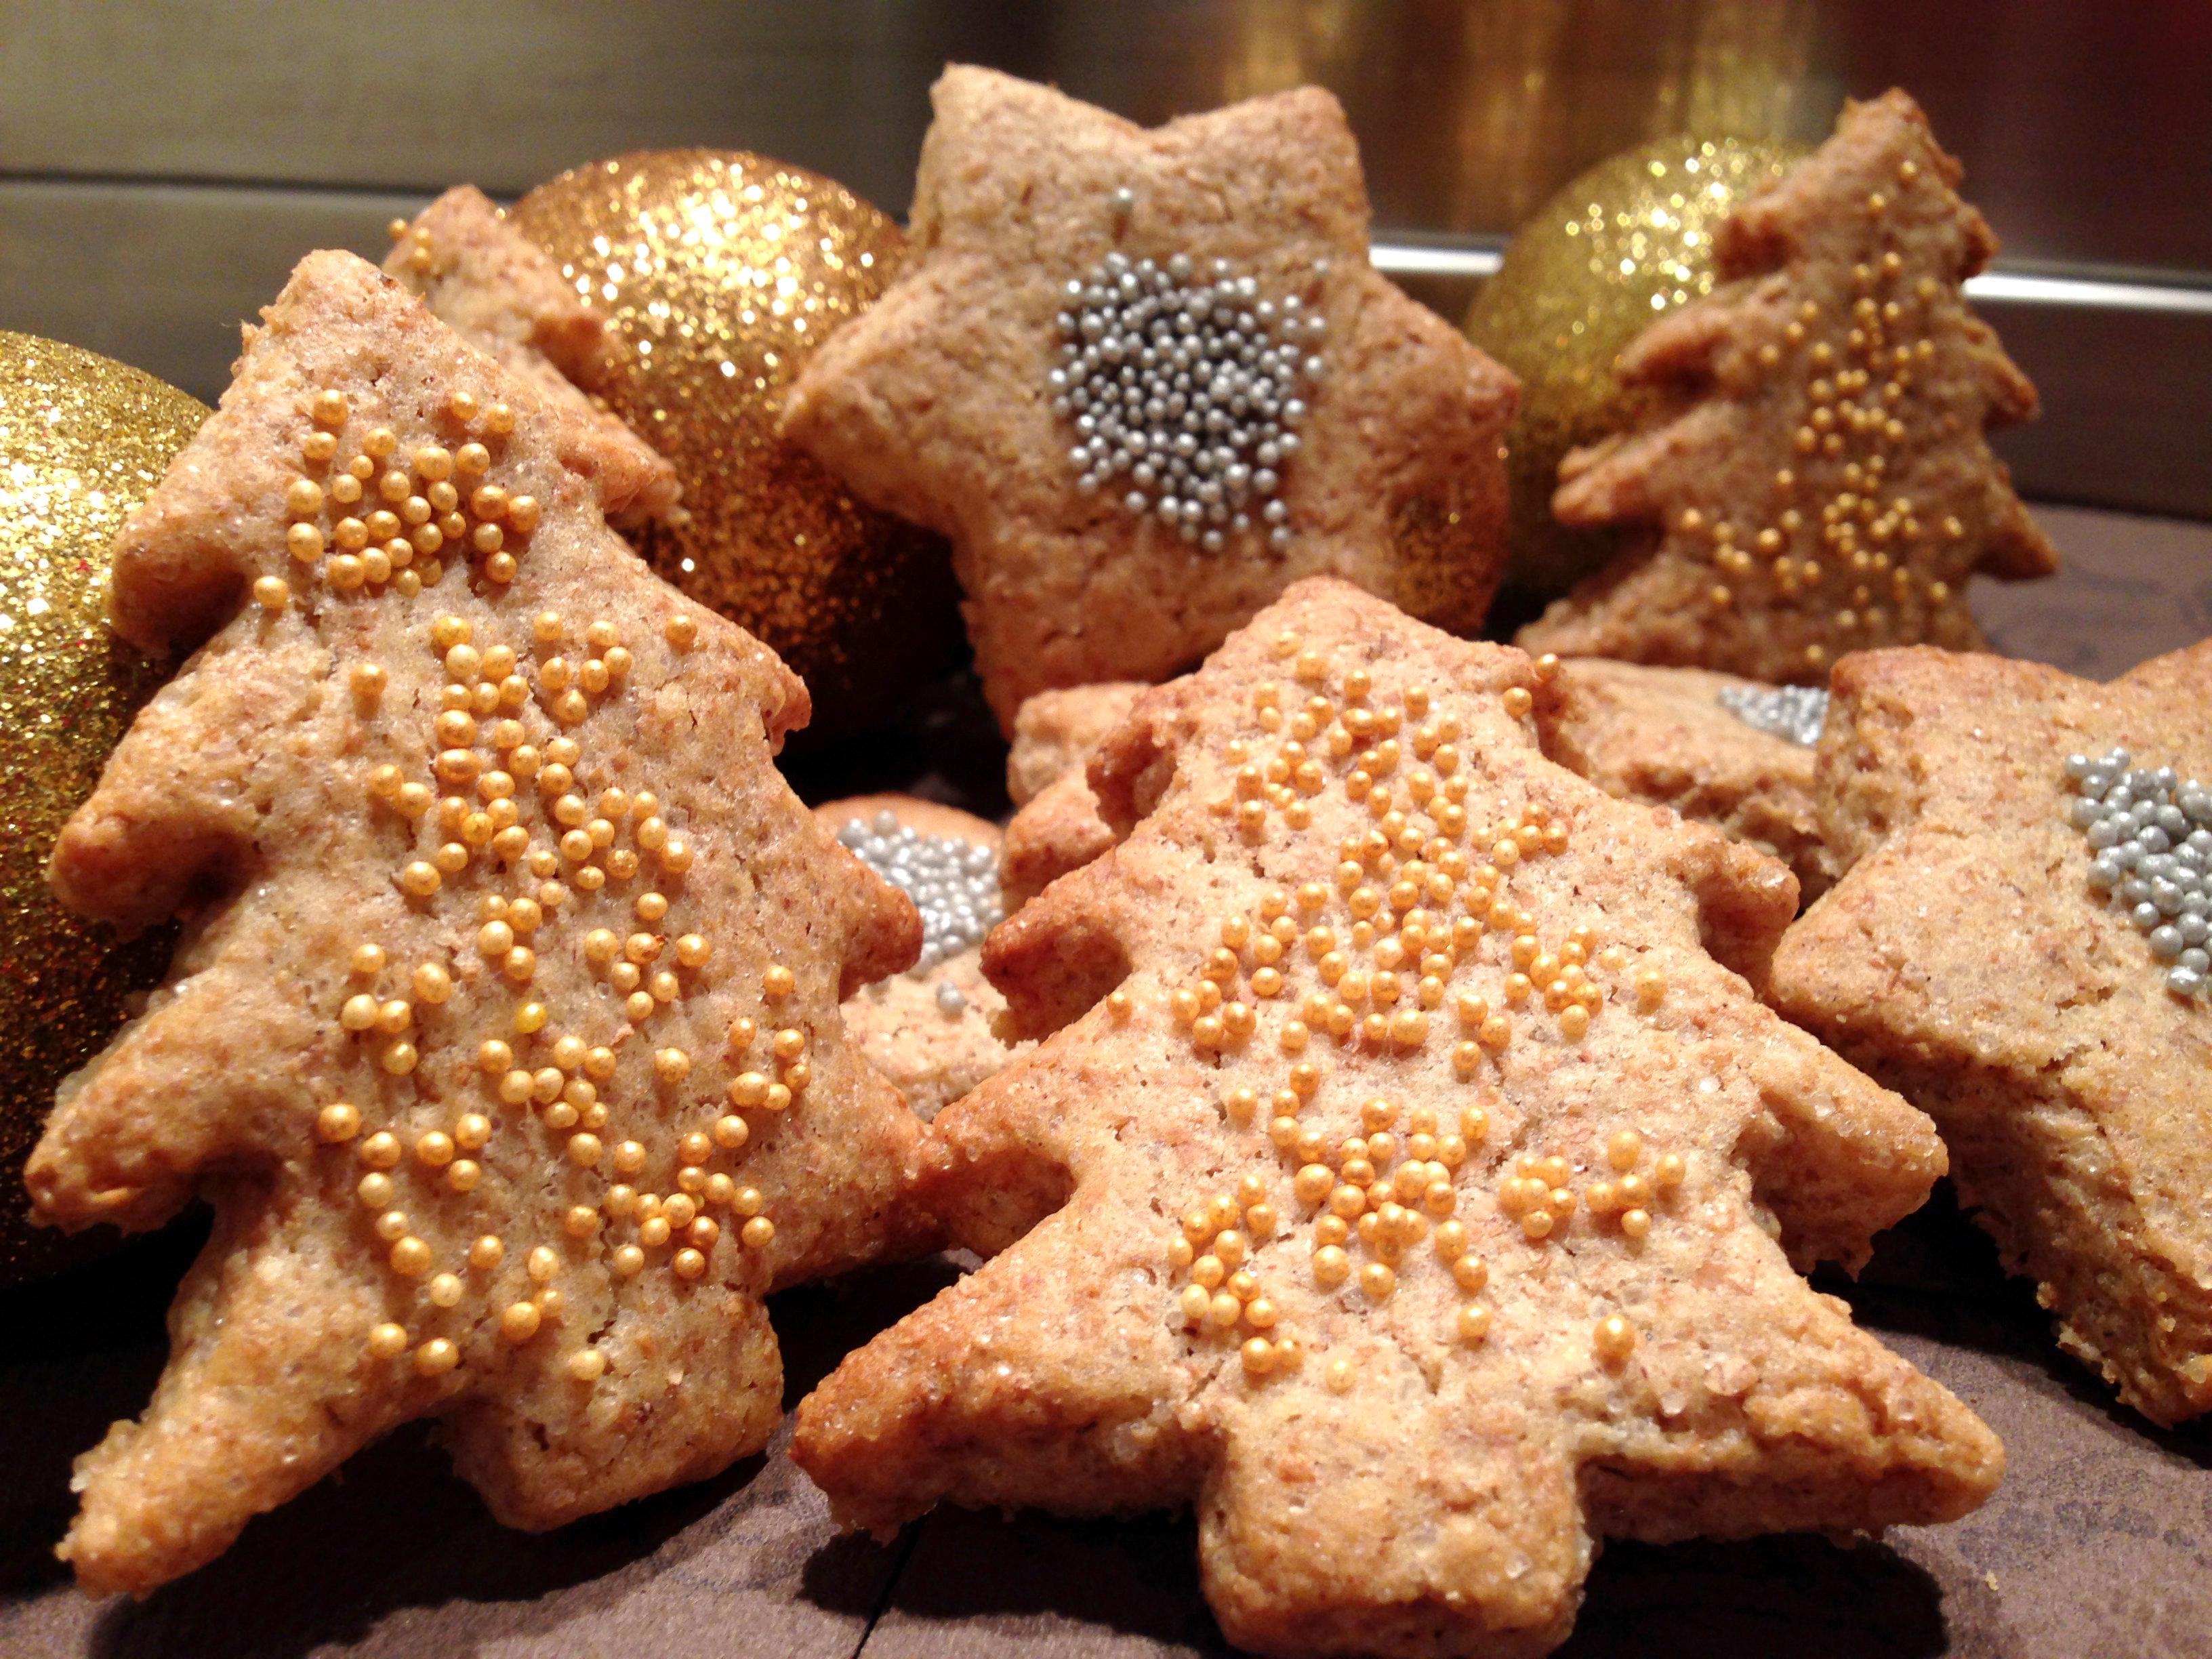 Biscotti Di Natale 1 Uovo.Biscotti Di Natale Allo Zenzero Sapori Nuovi Food Blog